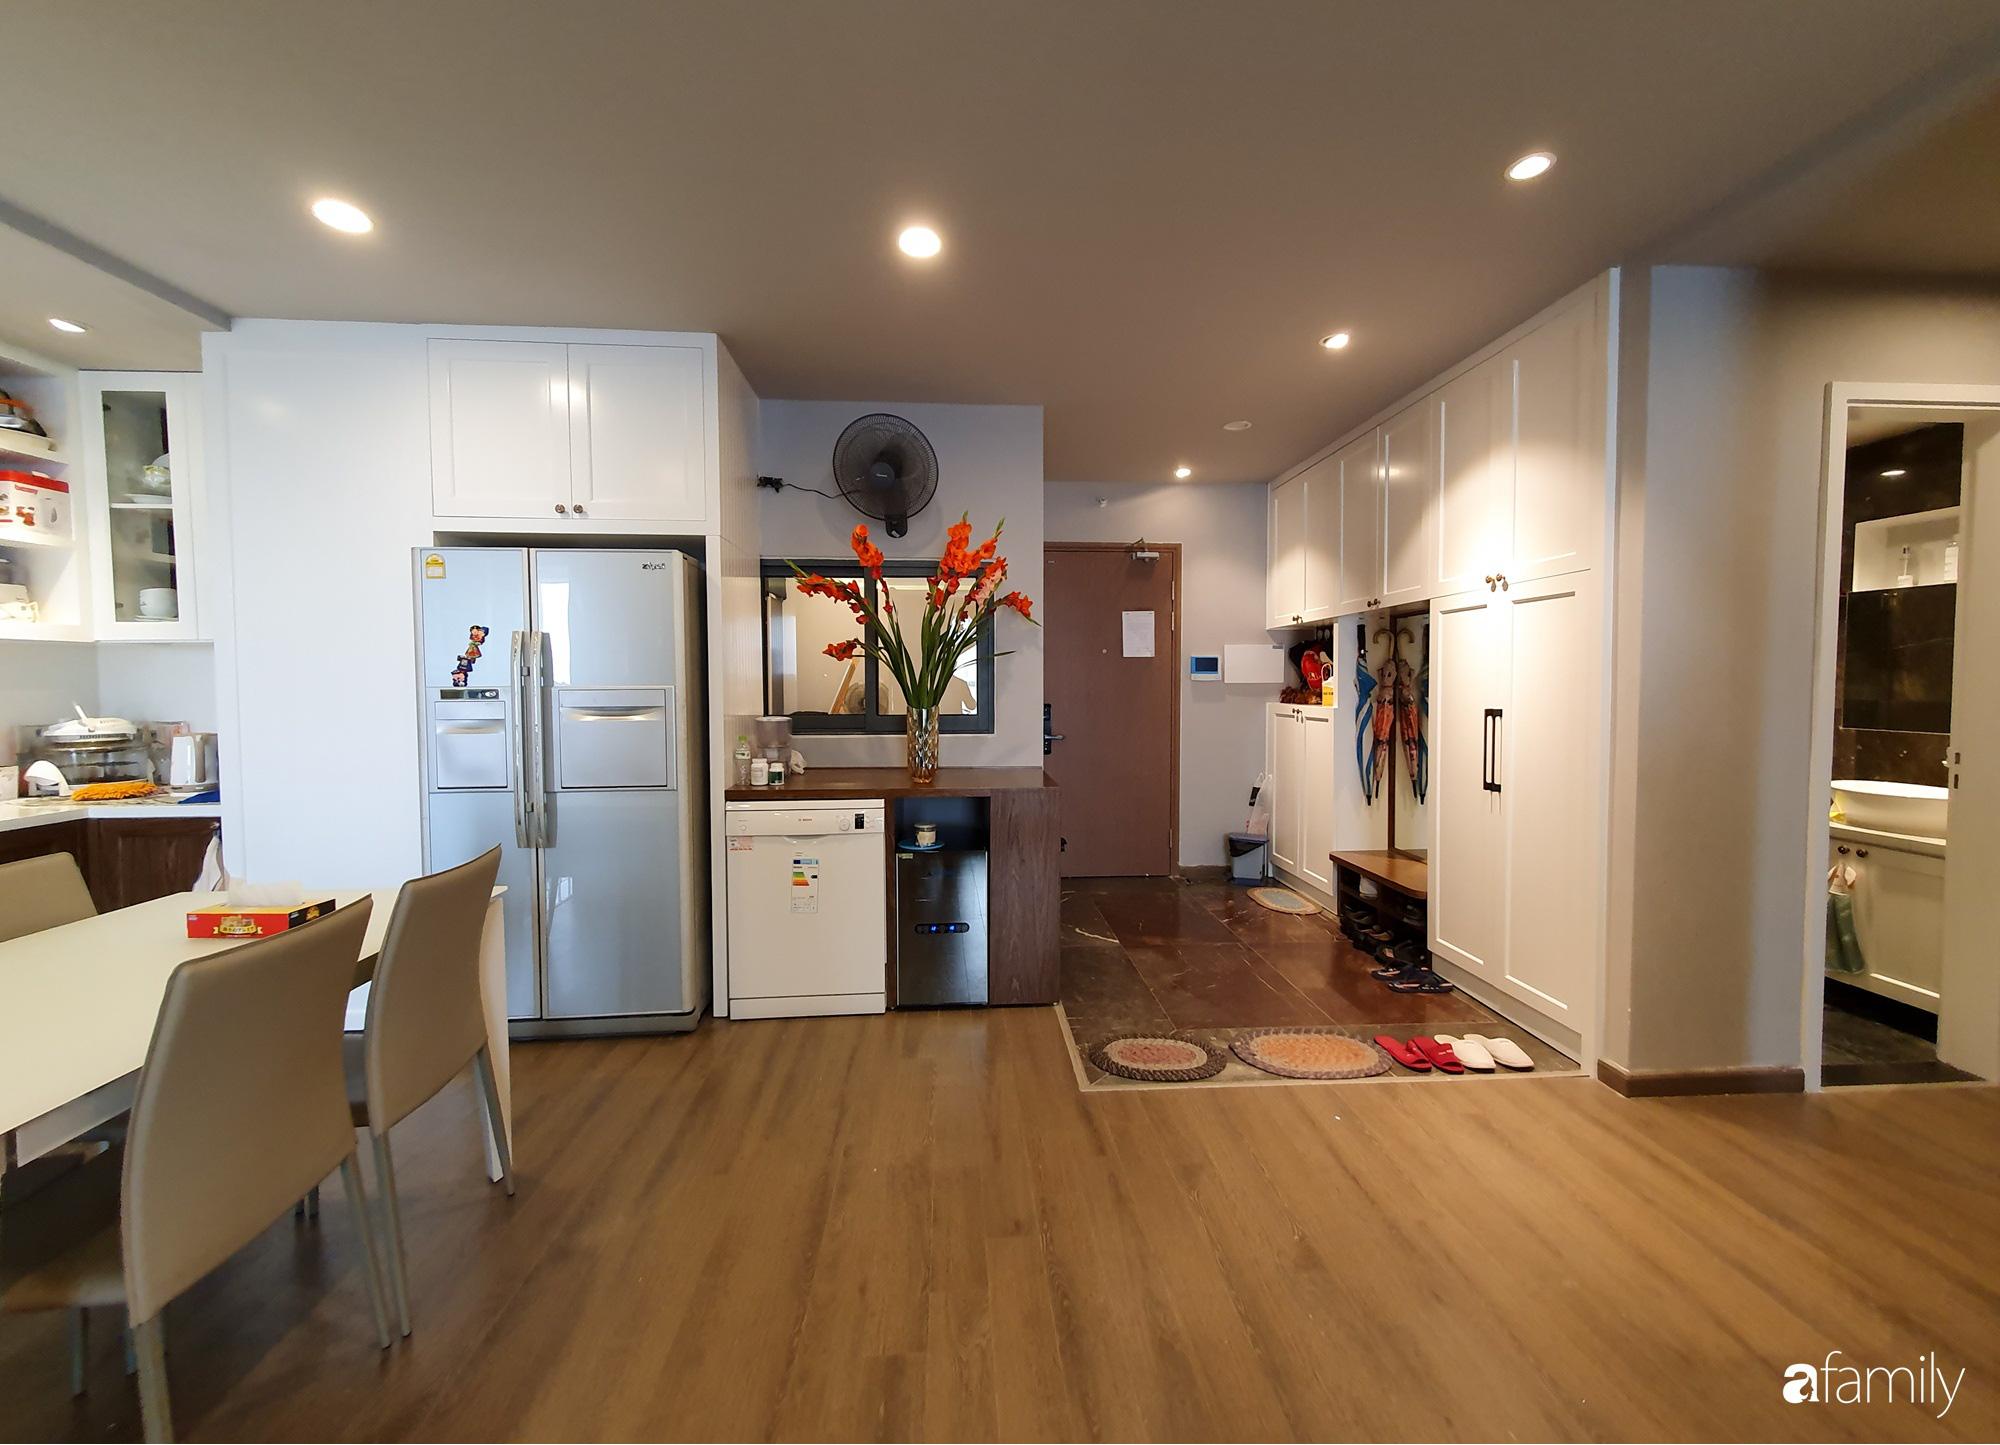 Căn hộ 116m2 hoàn thiện nội thất chưa đầy 1 tháng vẫn đẹp hiện đại, nền nã ở Cầu Giấy, Hà Nội - Ảnh 2.